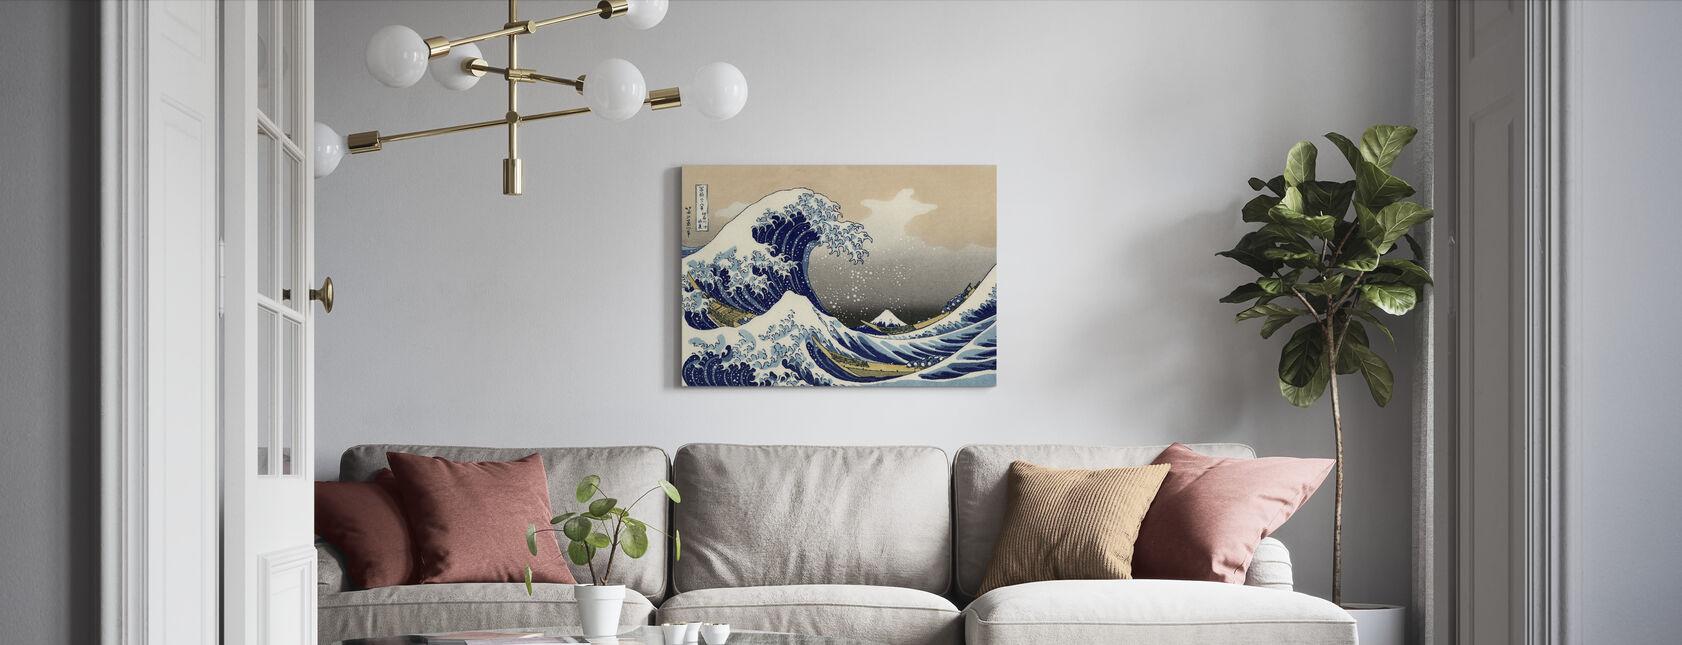 Stora Vågen, Katsushika Hokusai - Canvastavla - Vardagsrum